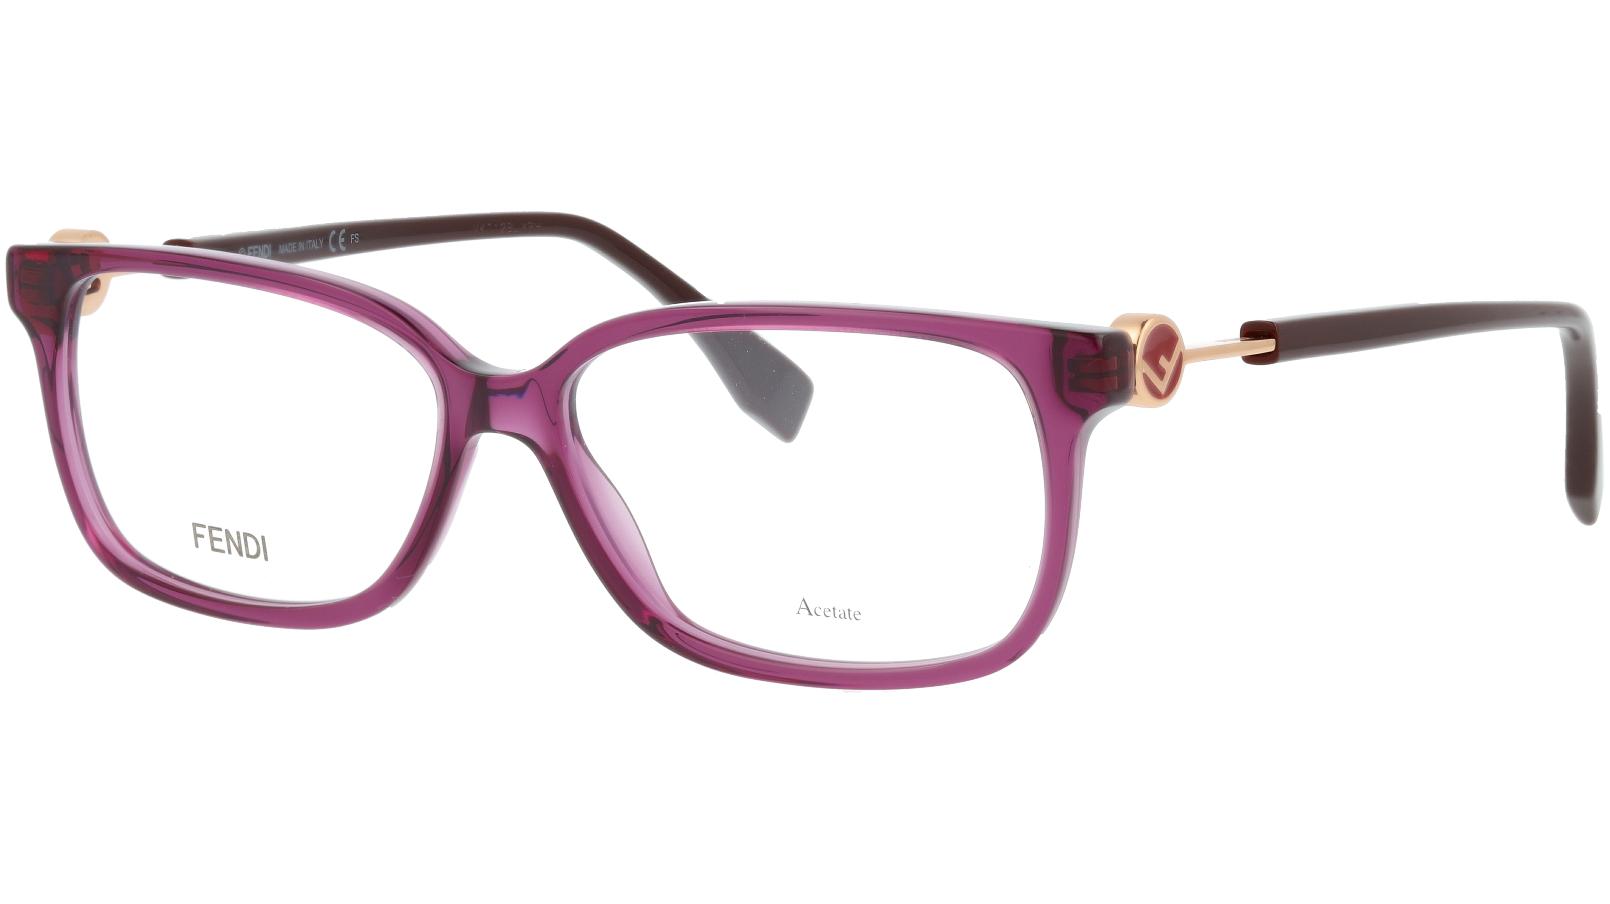 FENDI FF0394 0T7 54 PLUM Glasses